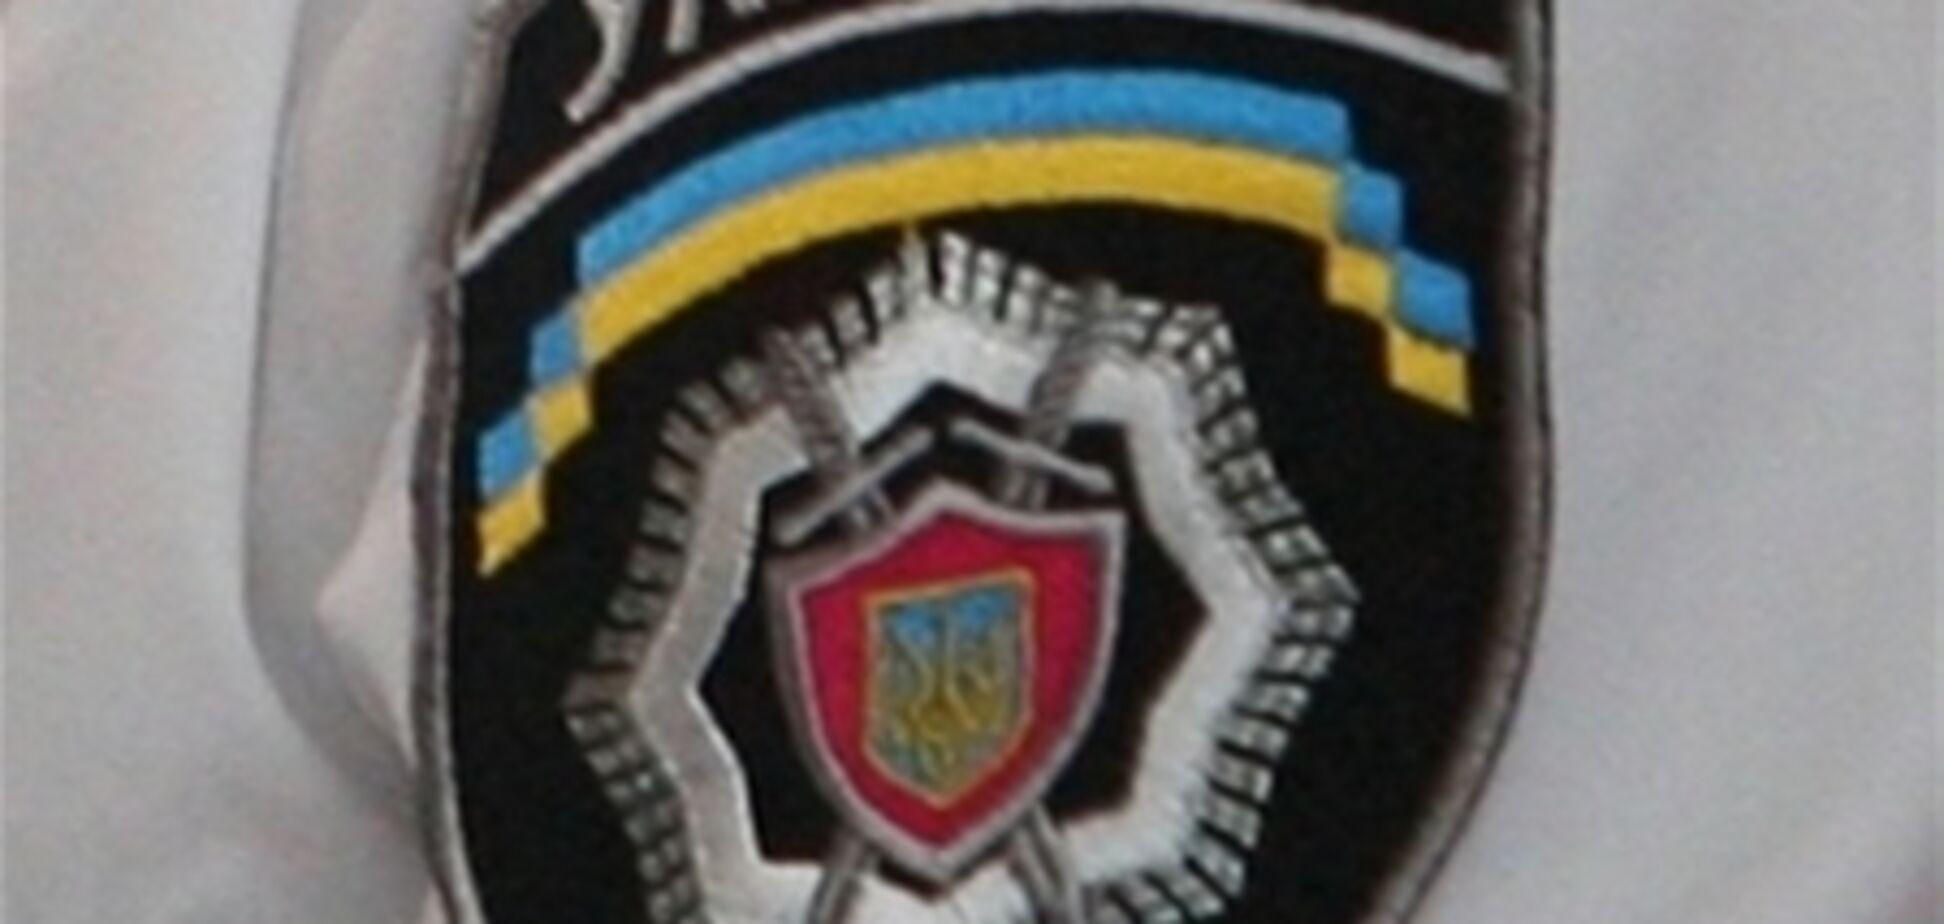 Милиция утверждает, что из окон отделений допрашиваемые прыгают сами